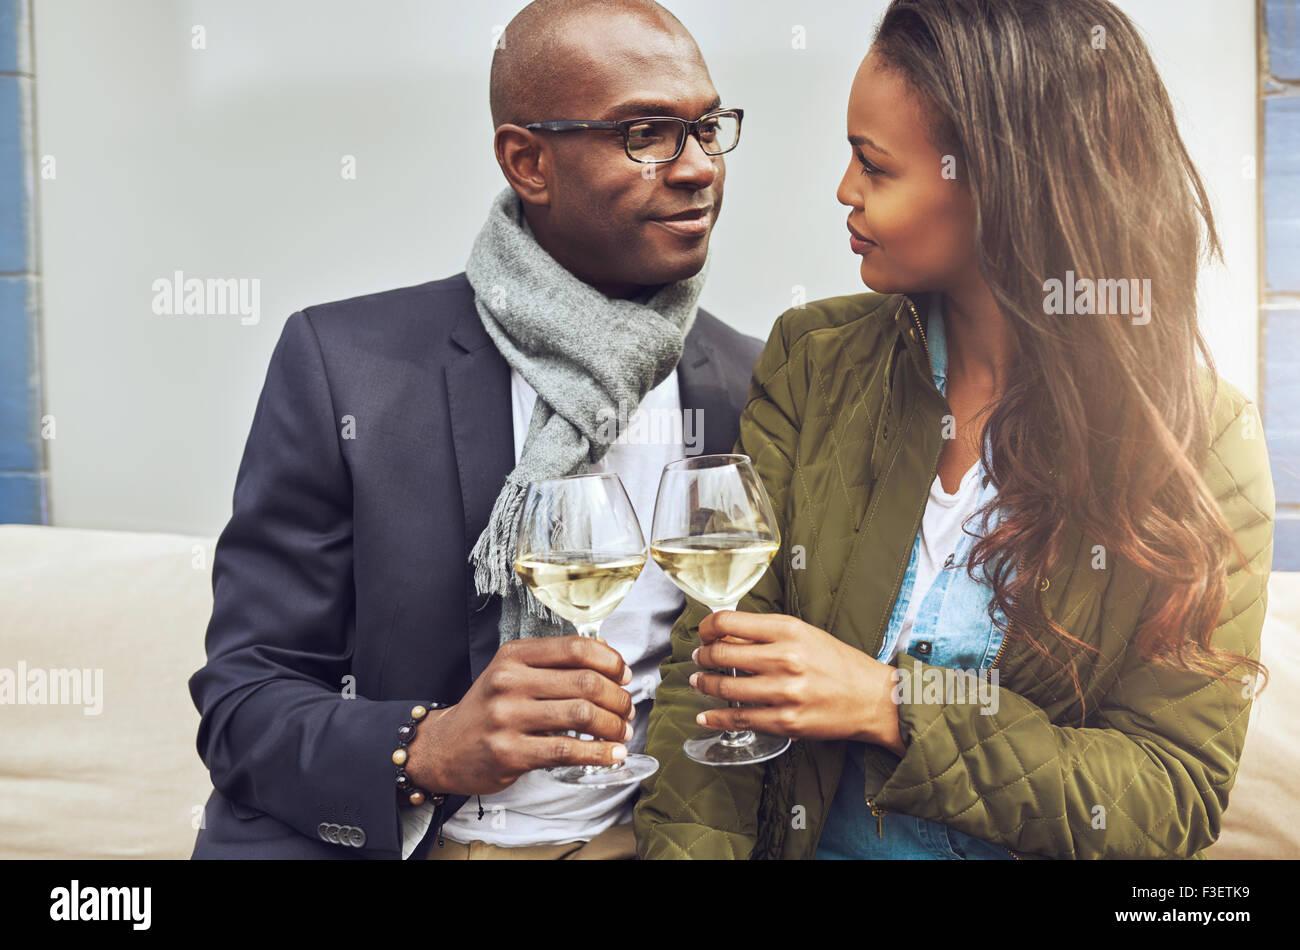 Amare americano africano giovane in un abbraccio la tostatura a vicenda con vino bianco come essi appaiono profondamente Immagini Stock